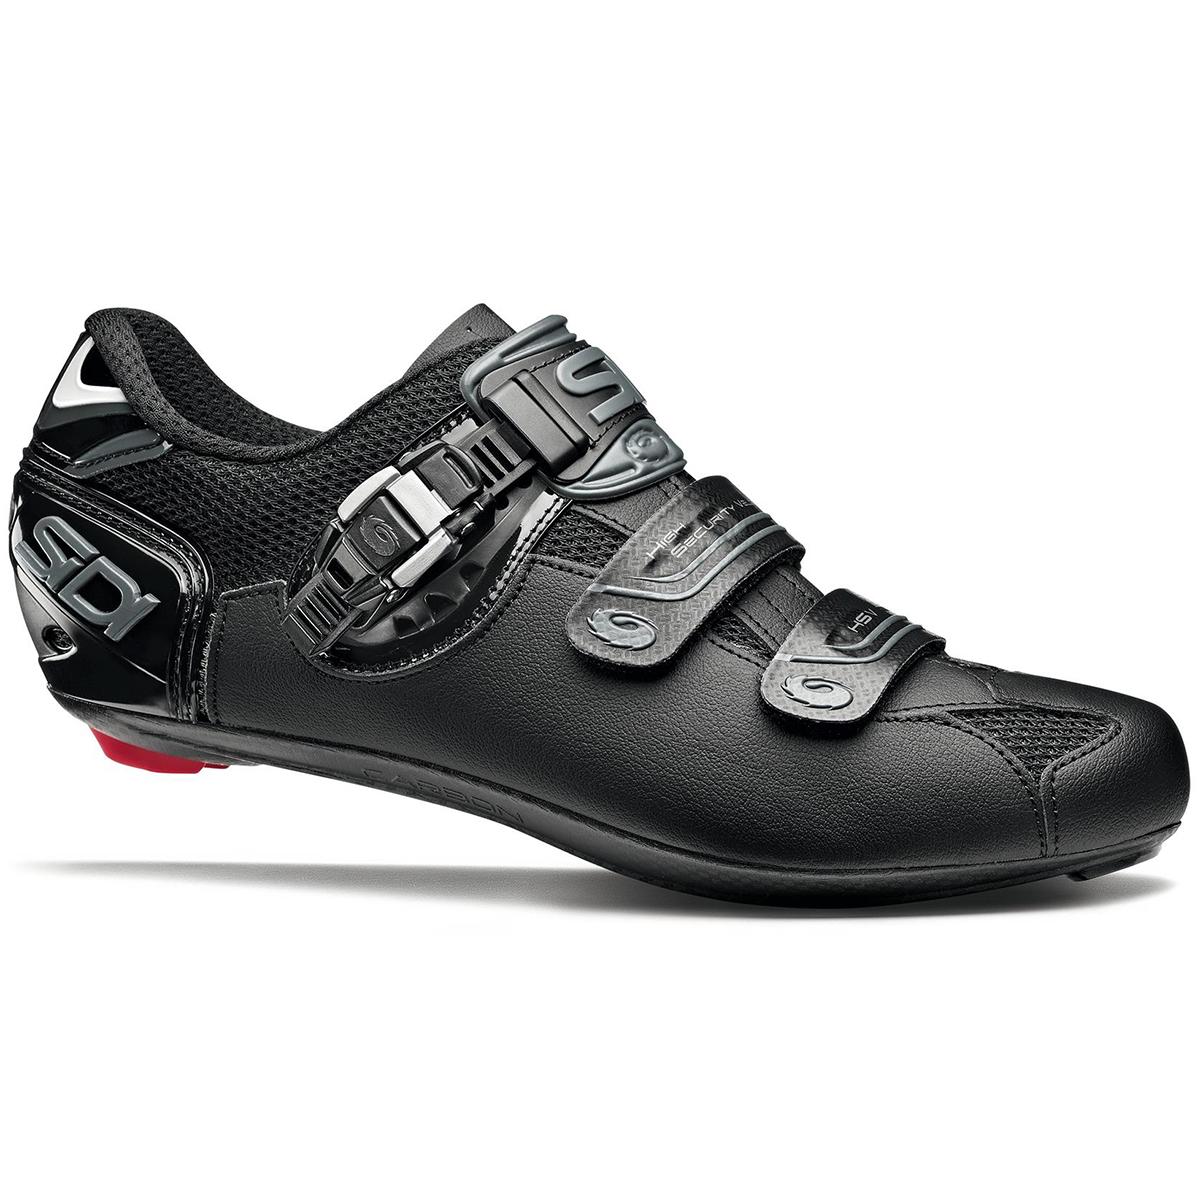 Sidi Genius 7 Shadow Road Cycling Shoes